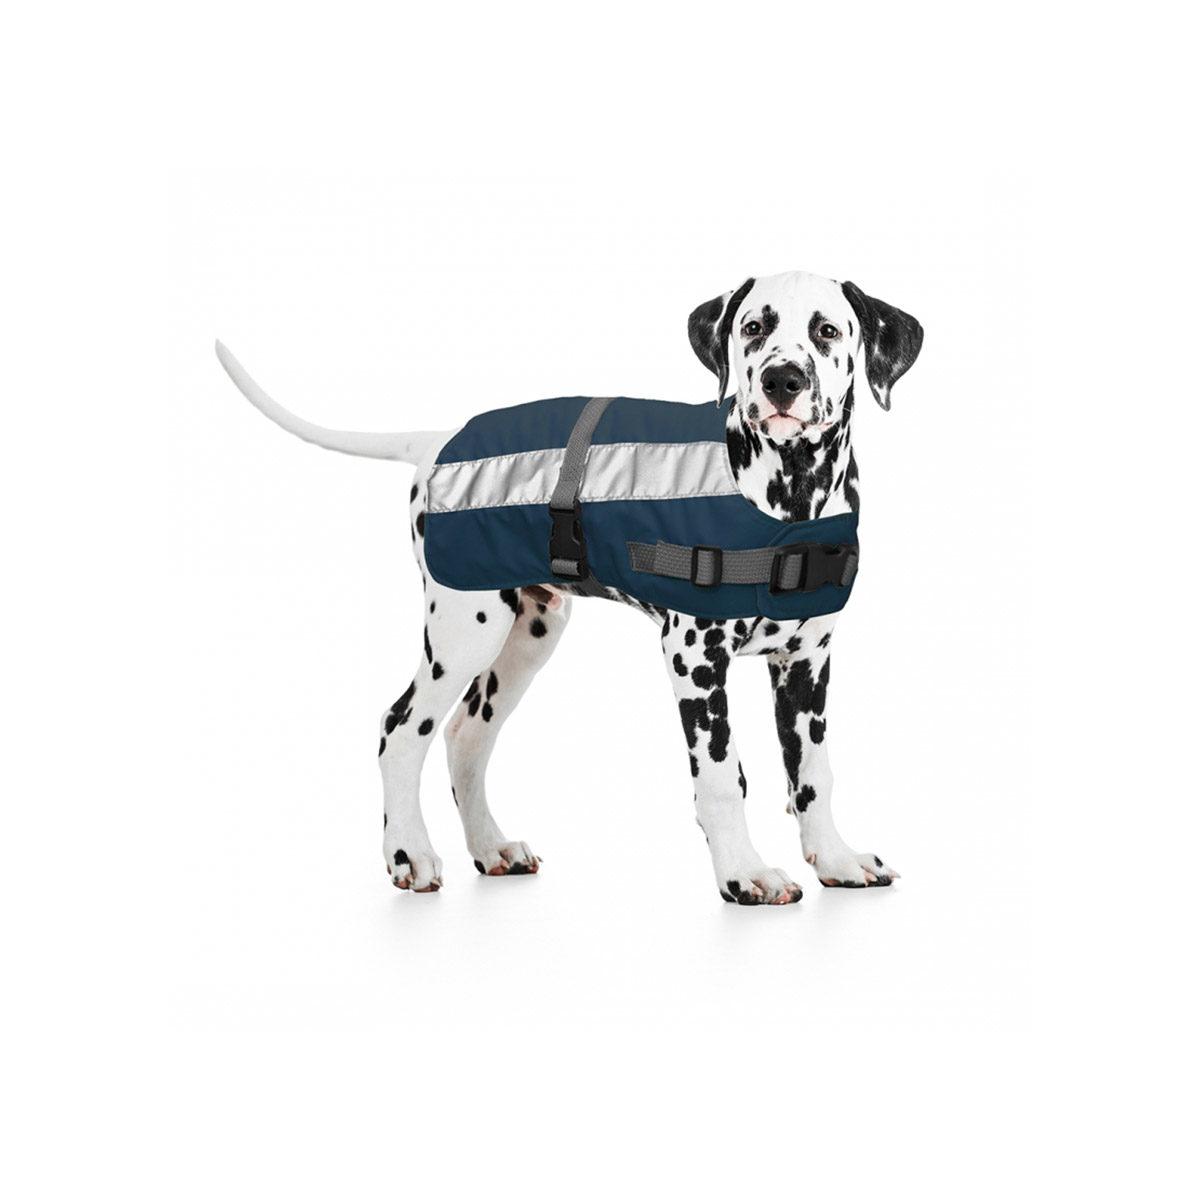 Duvo+ Flectalon Hi Vis Honden Jack Ruglengte 45 cm Blauw - in Reflectie & Verlichting